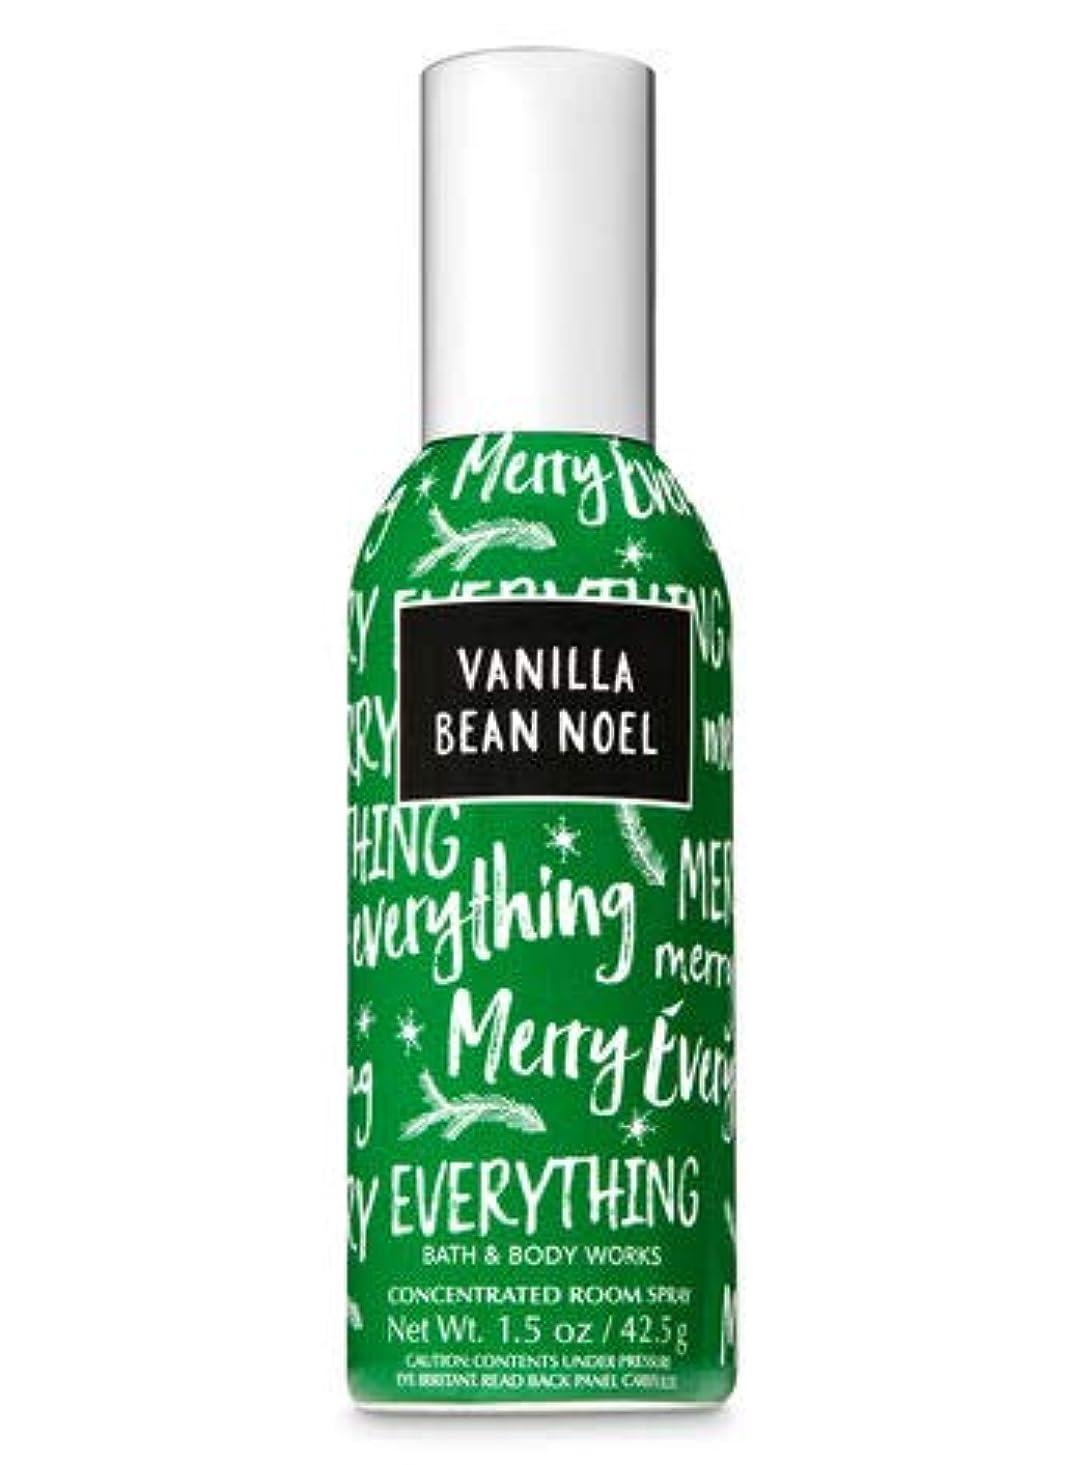 ブレーキフルーツ野菜モトリー【Bath&Body Works/バス&ボディワークス】 ルームスプレー バニラビーンノエル 1.5 oz. Concentrated Room Spray/Room Perfume Vanilla Bean Noel [並行輸入品]